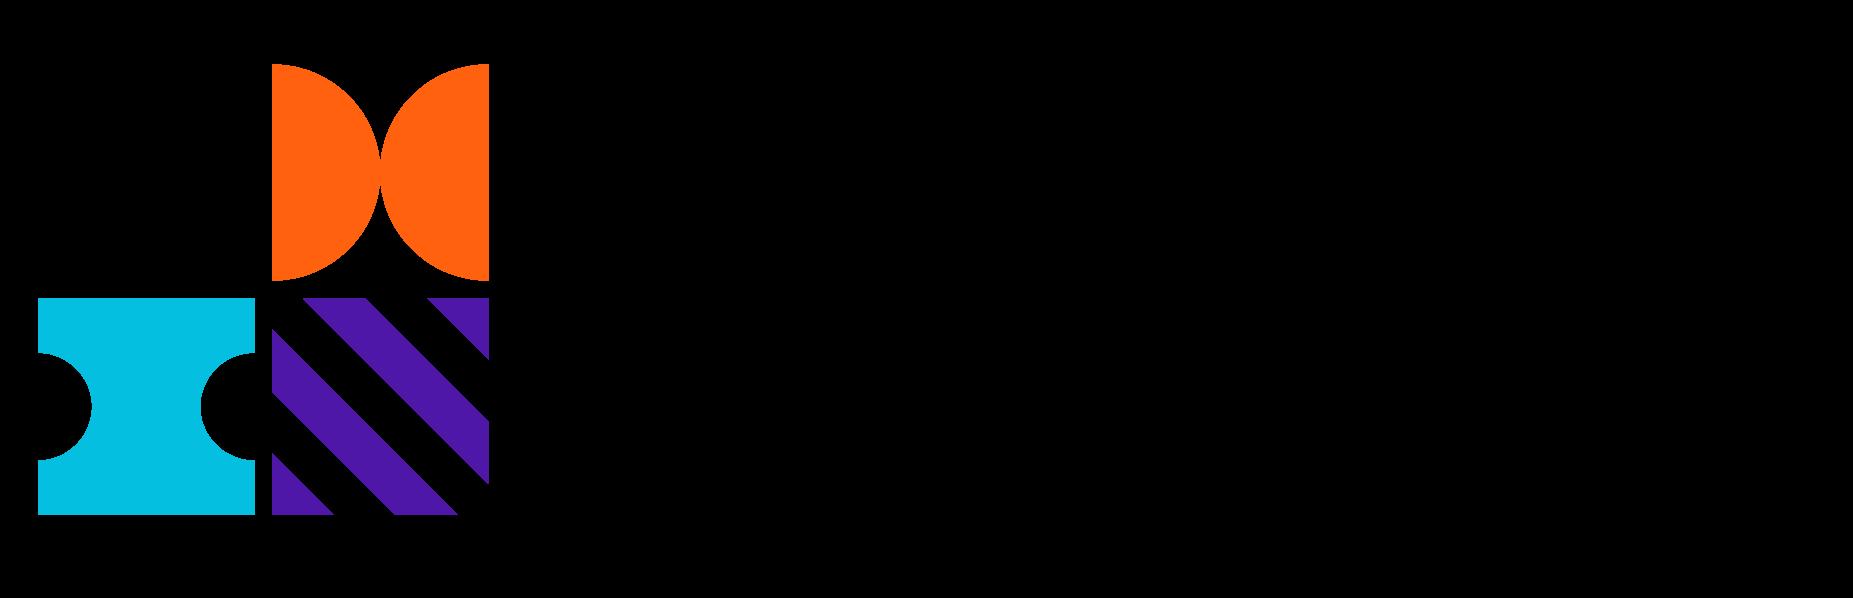 Eventbrite Use Logo